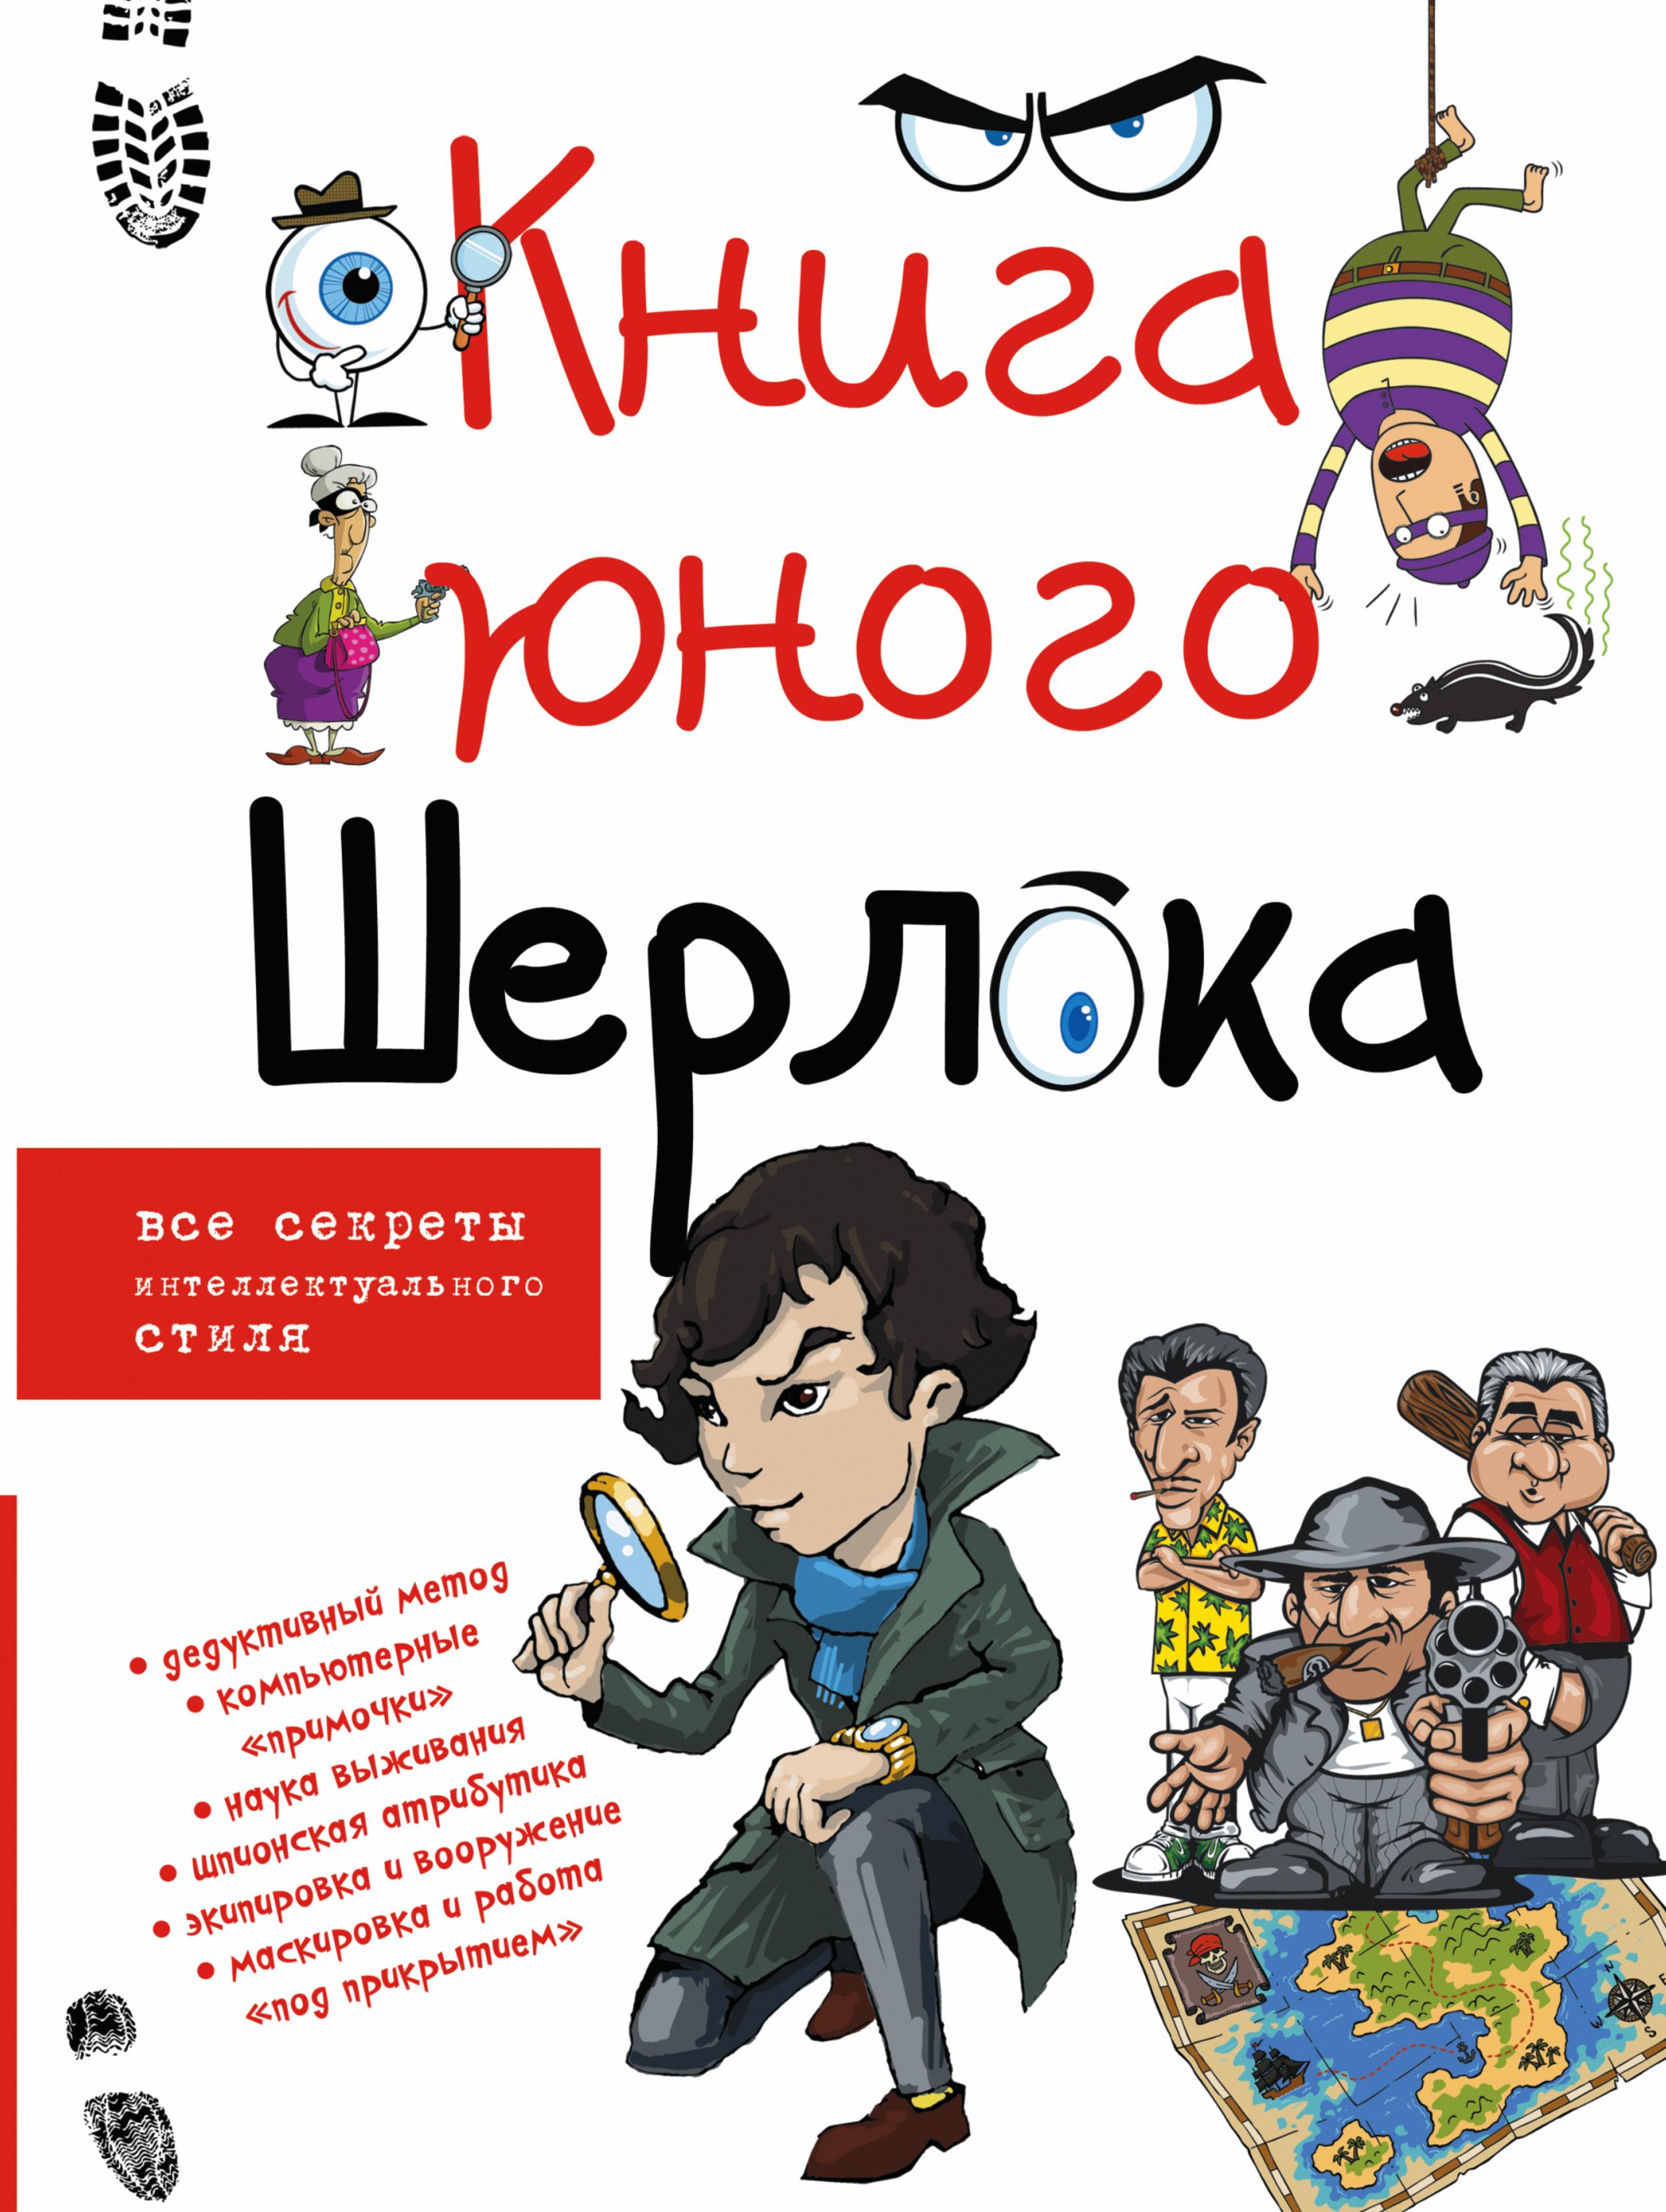 Мерников А.Г. Книга юного Шерлока